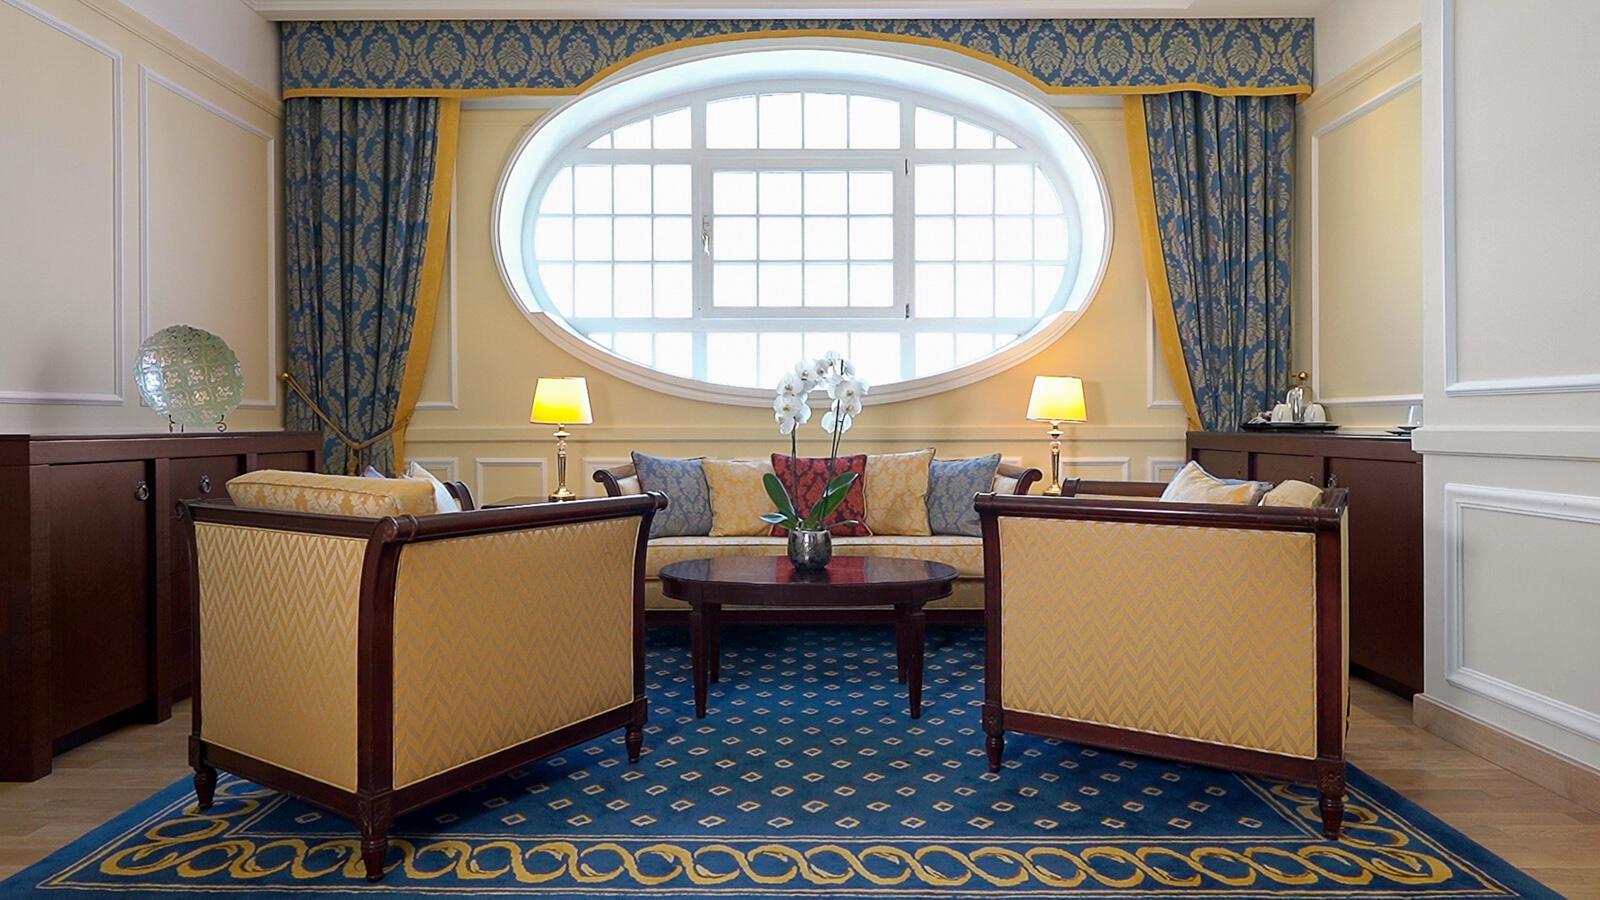 English Apartment at Polonia Palace Hotel, Warsaw